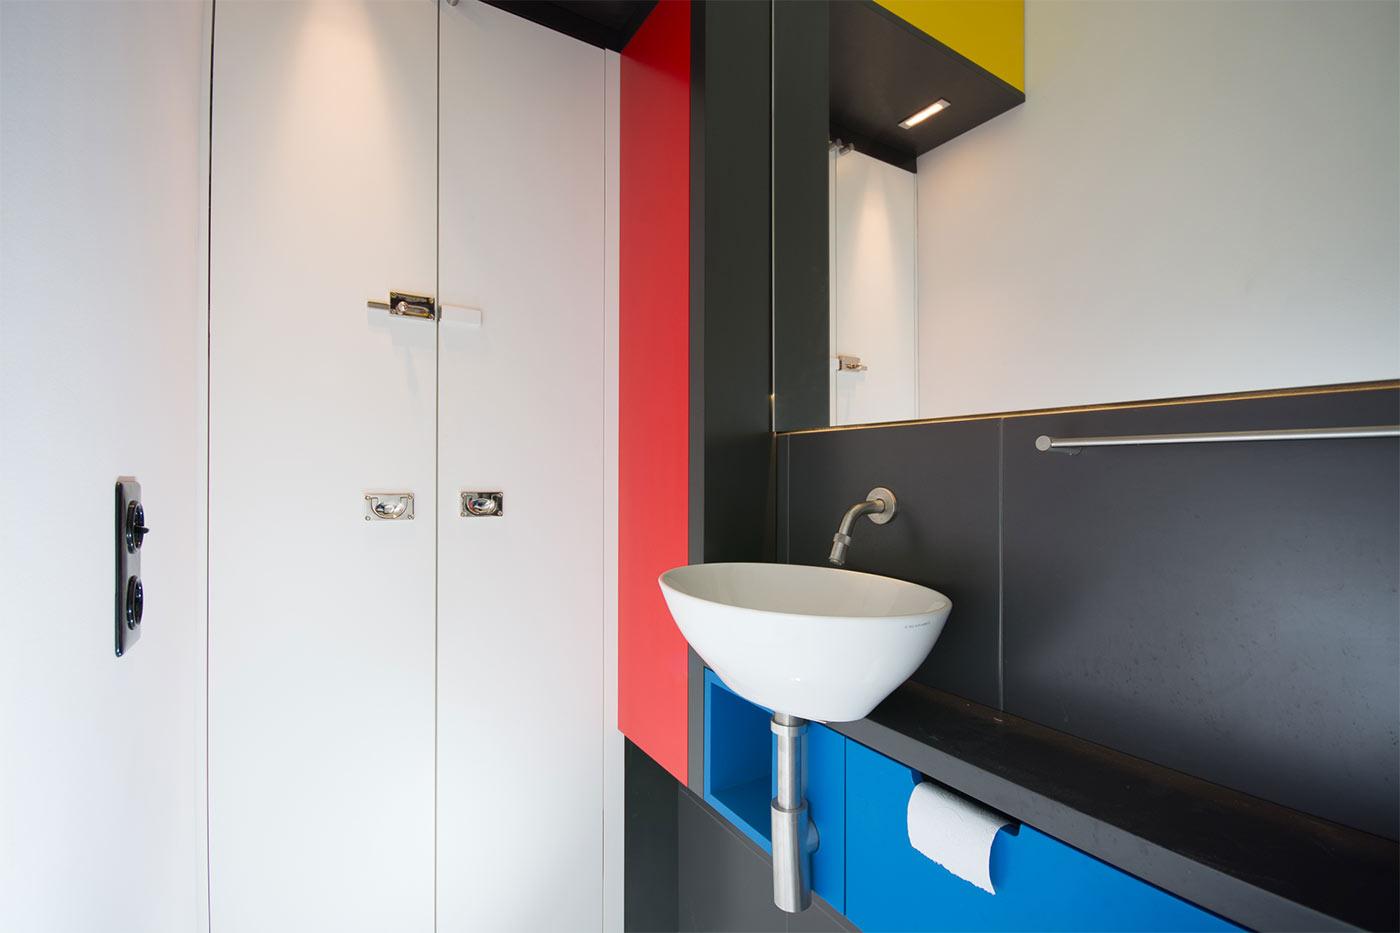 WC-Rollenspender im Möbel integriert